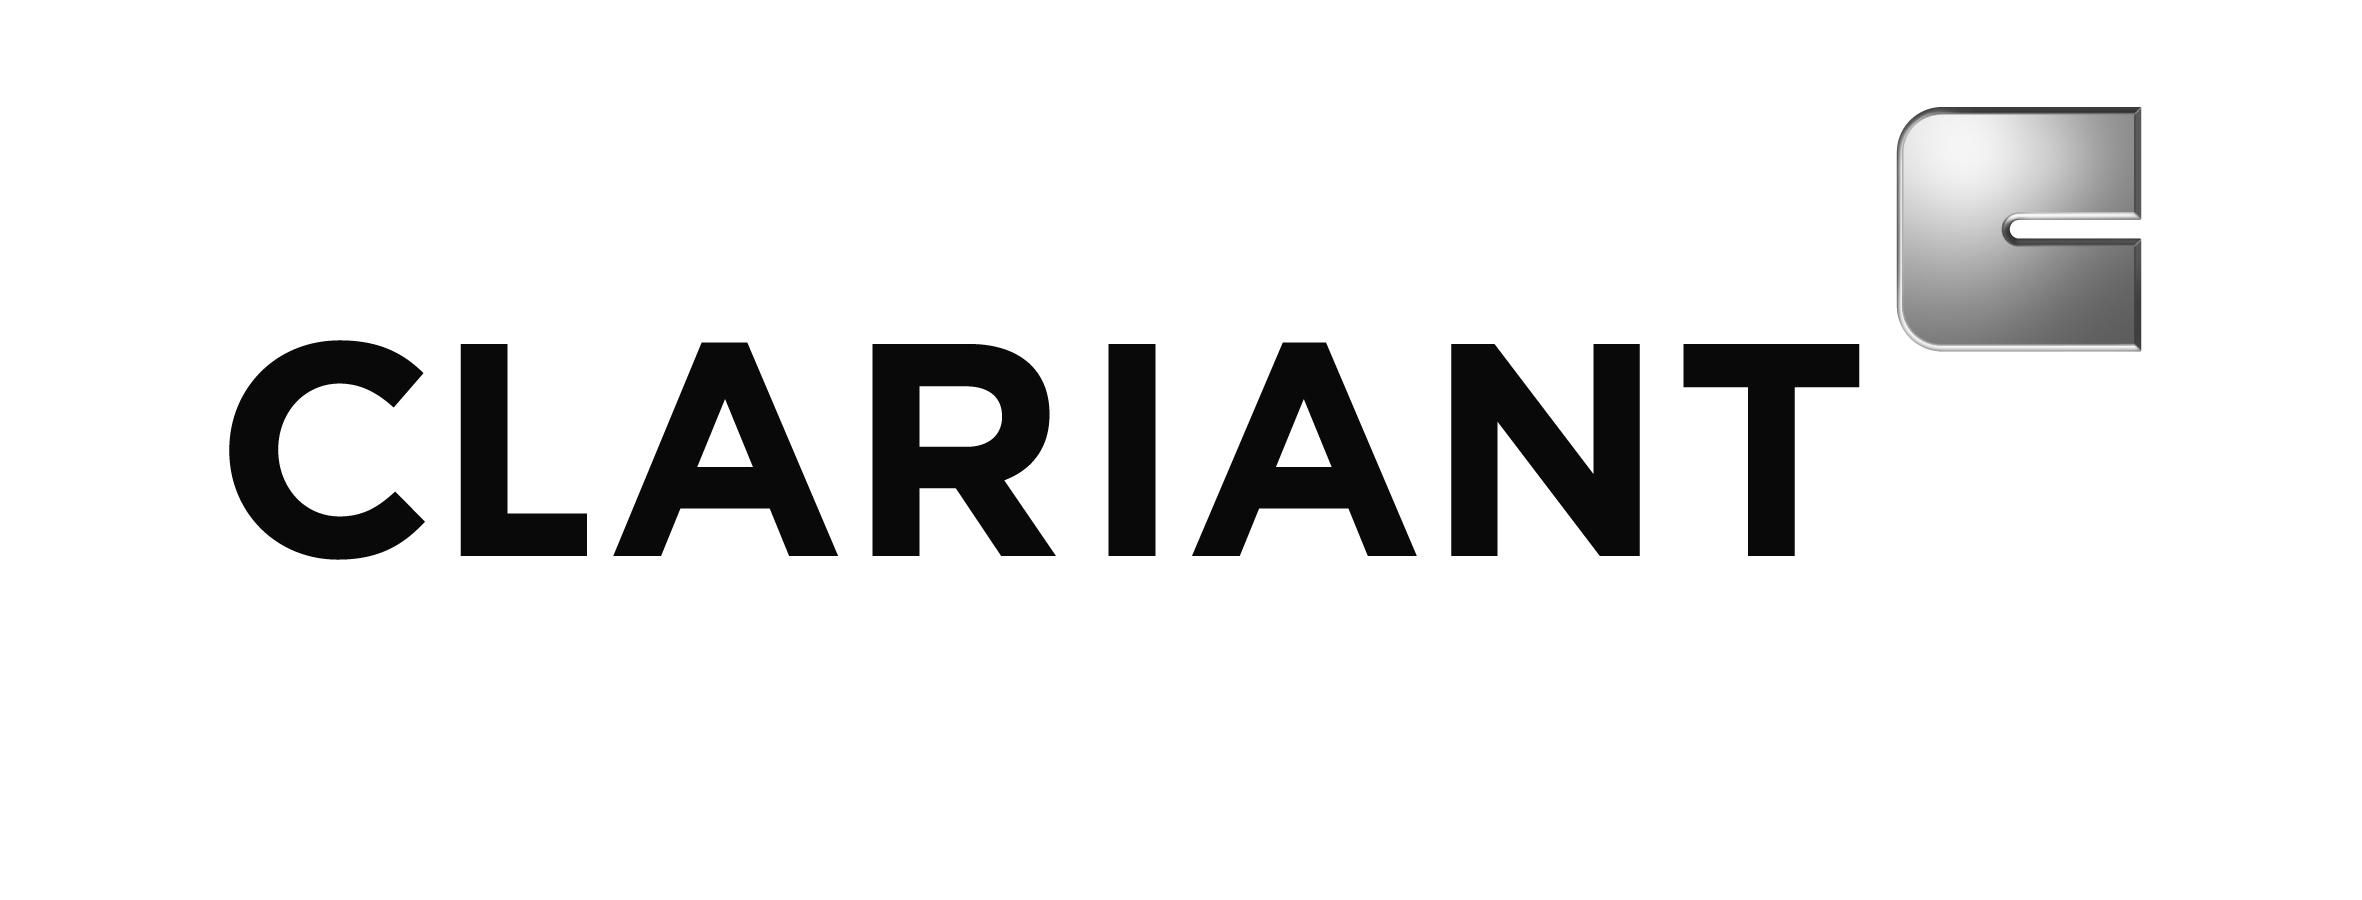 Clariant 2012